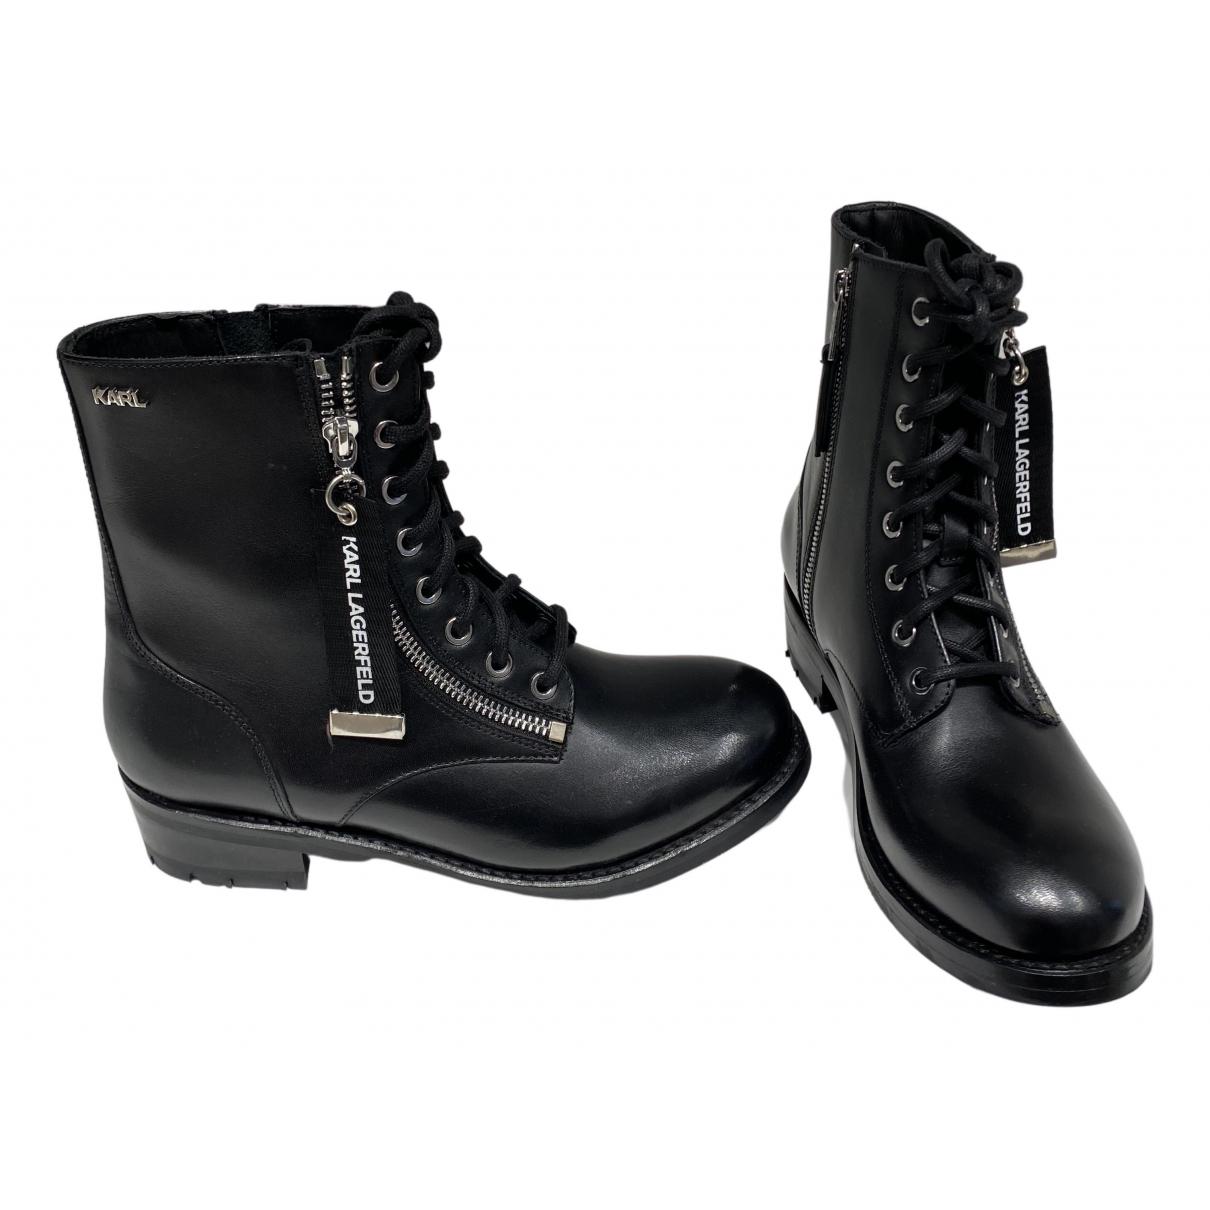 Karl - Bottes   pour femme en cuir - noir